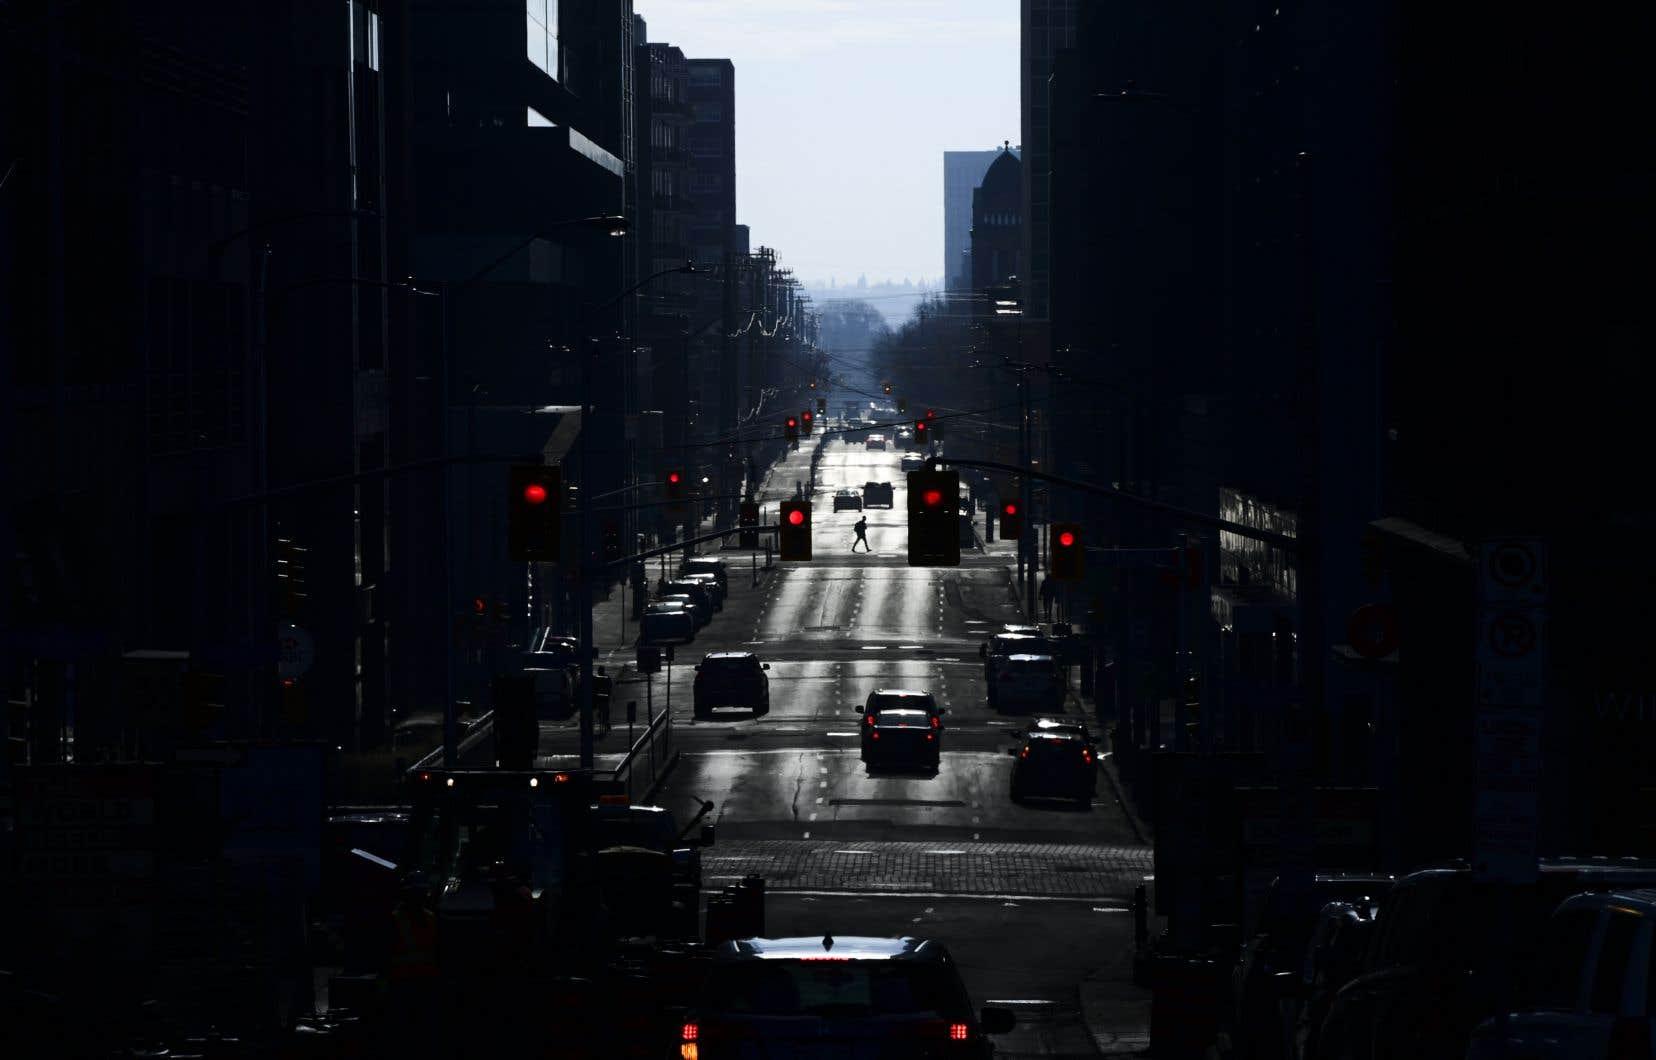 Le sondage de Léger et de l'Association d'études canadiennes a révélé que 67% des Canadiens appuieraient l'imposition d'un couvre-feu nocturne temporaire — de 22h à 5h du matin — pour freiner la propagation virale si les circonstances le demandaient.